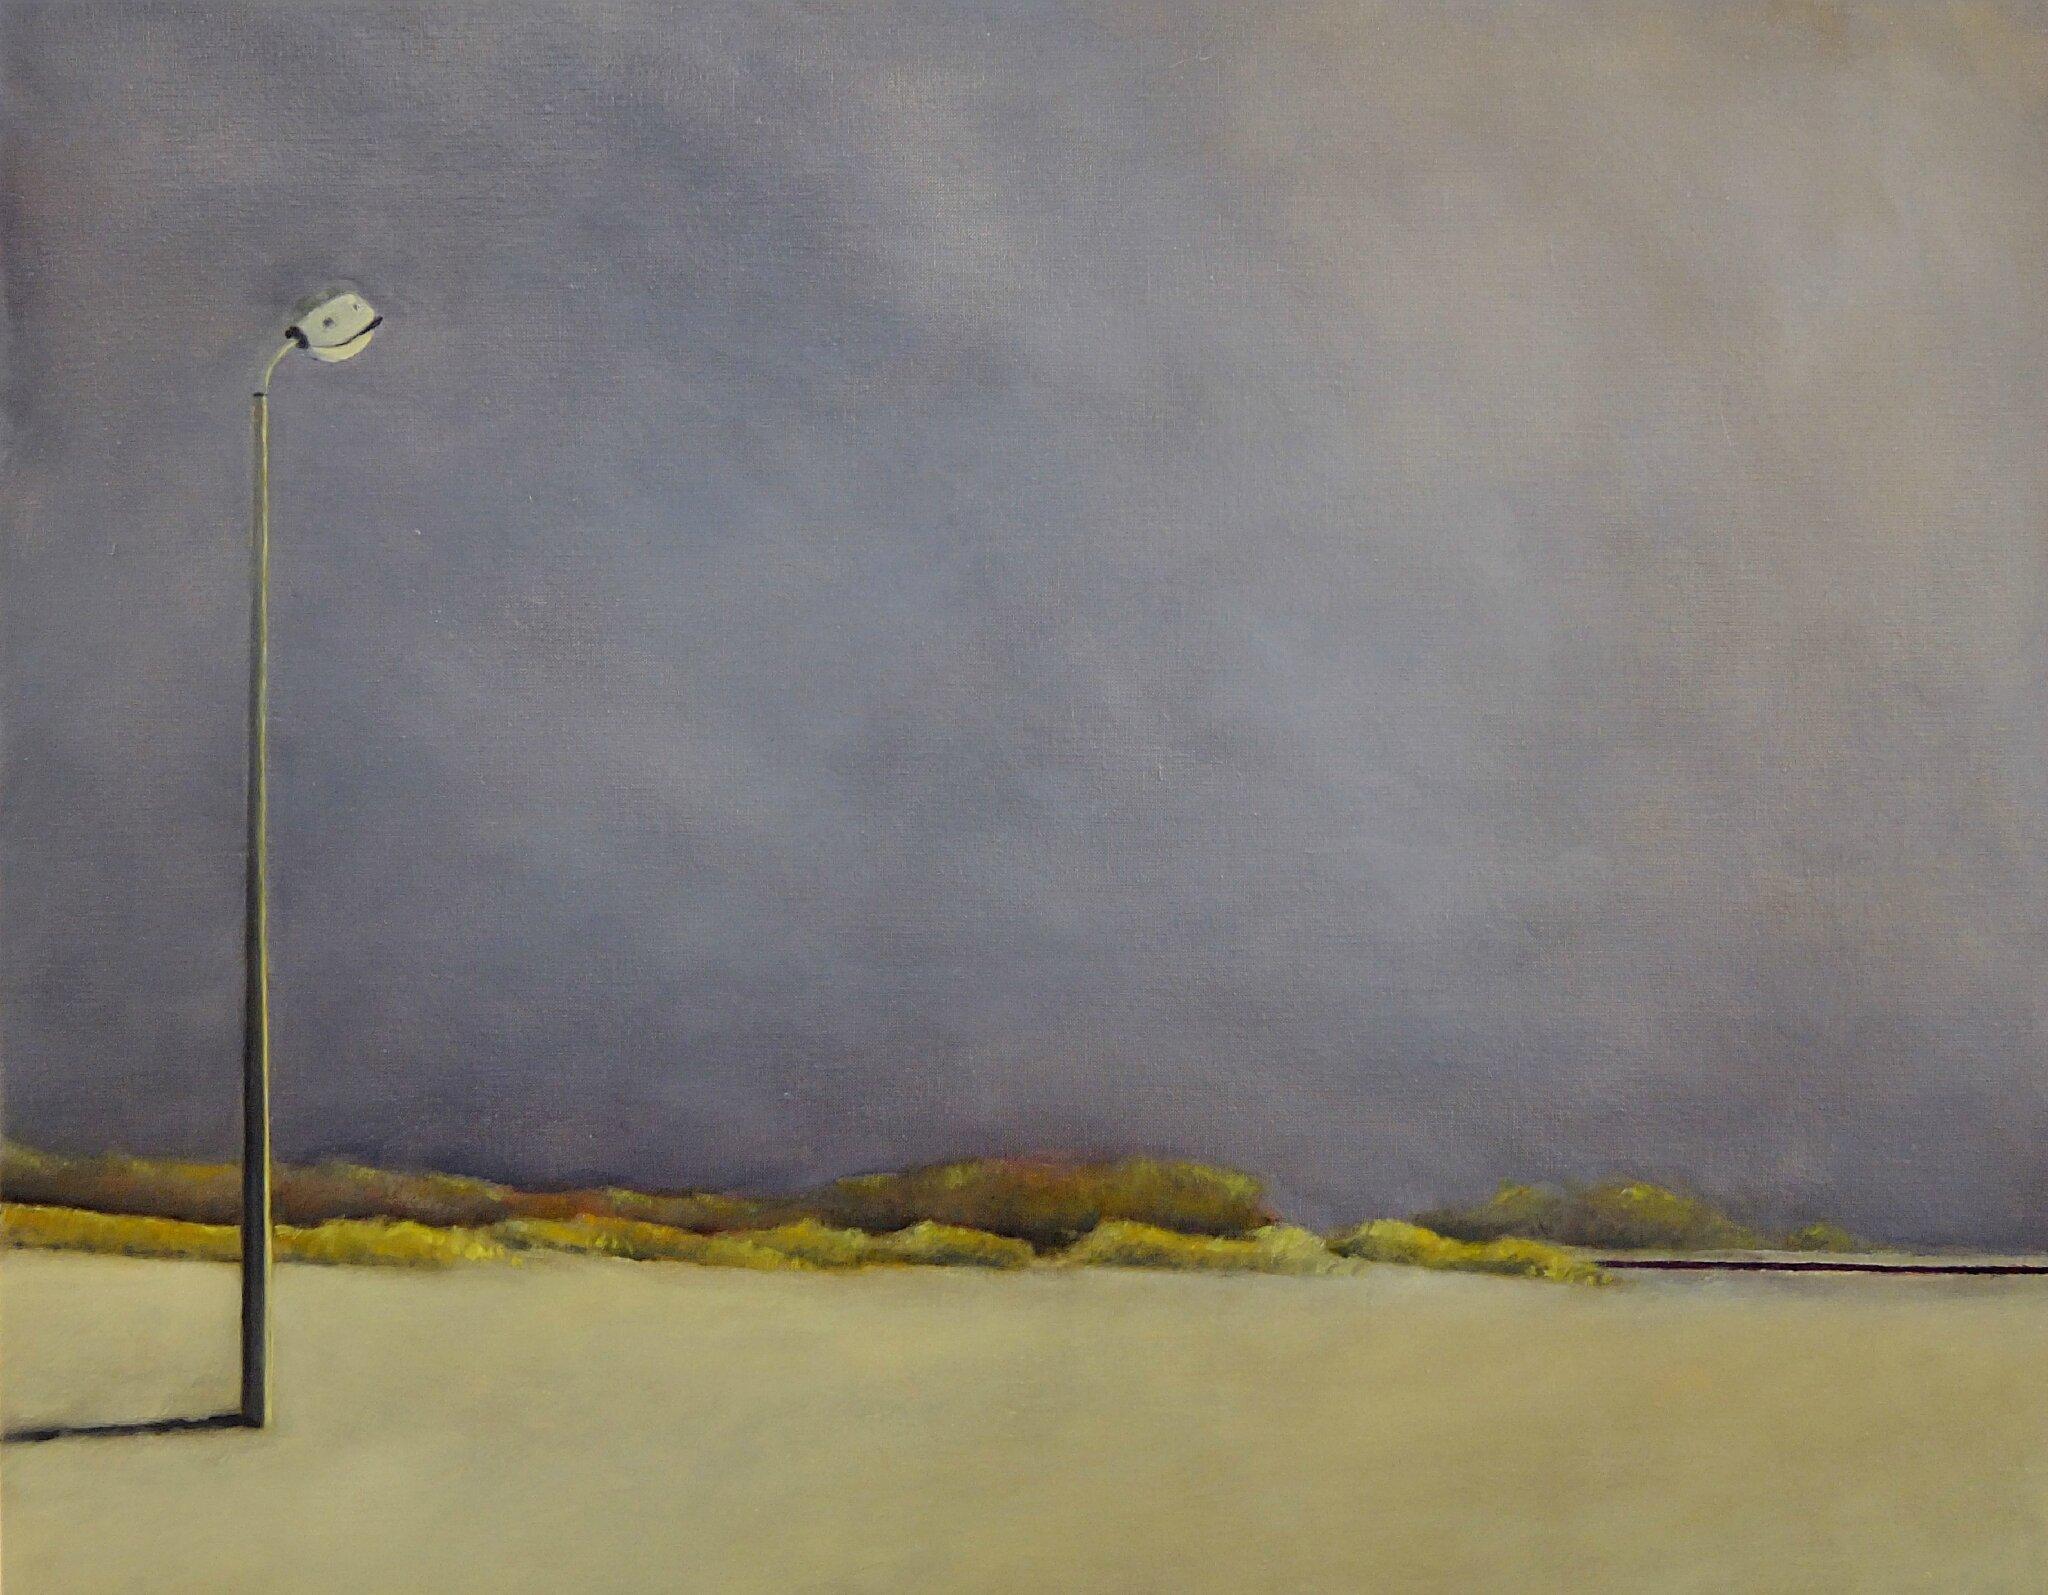 K'nowhere #29, (Reverbere et voie ferrée dans la brume et le sable), mai 2014, huile sur toile, 97 x 73 cm.